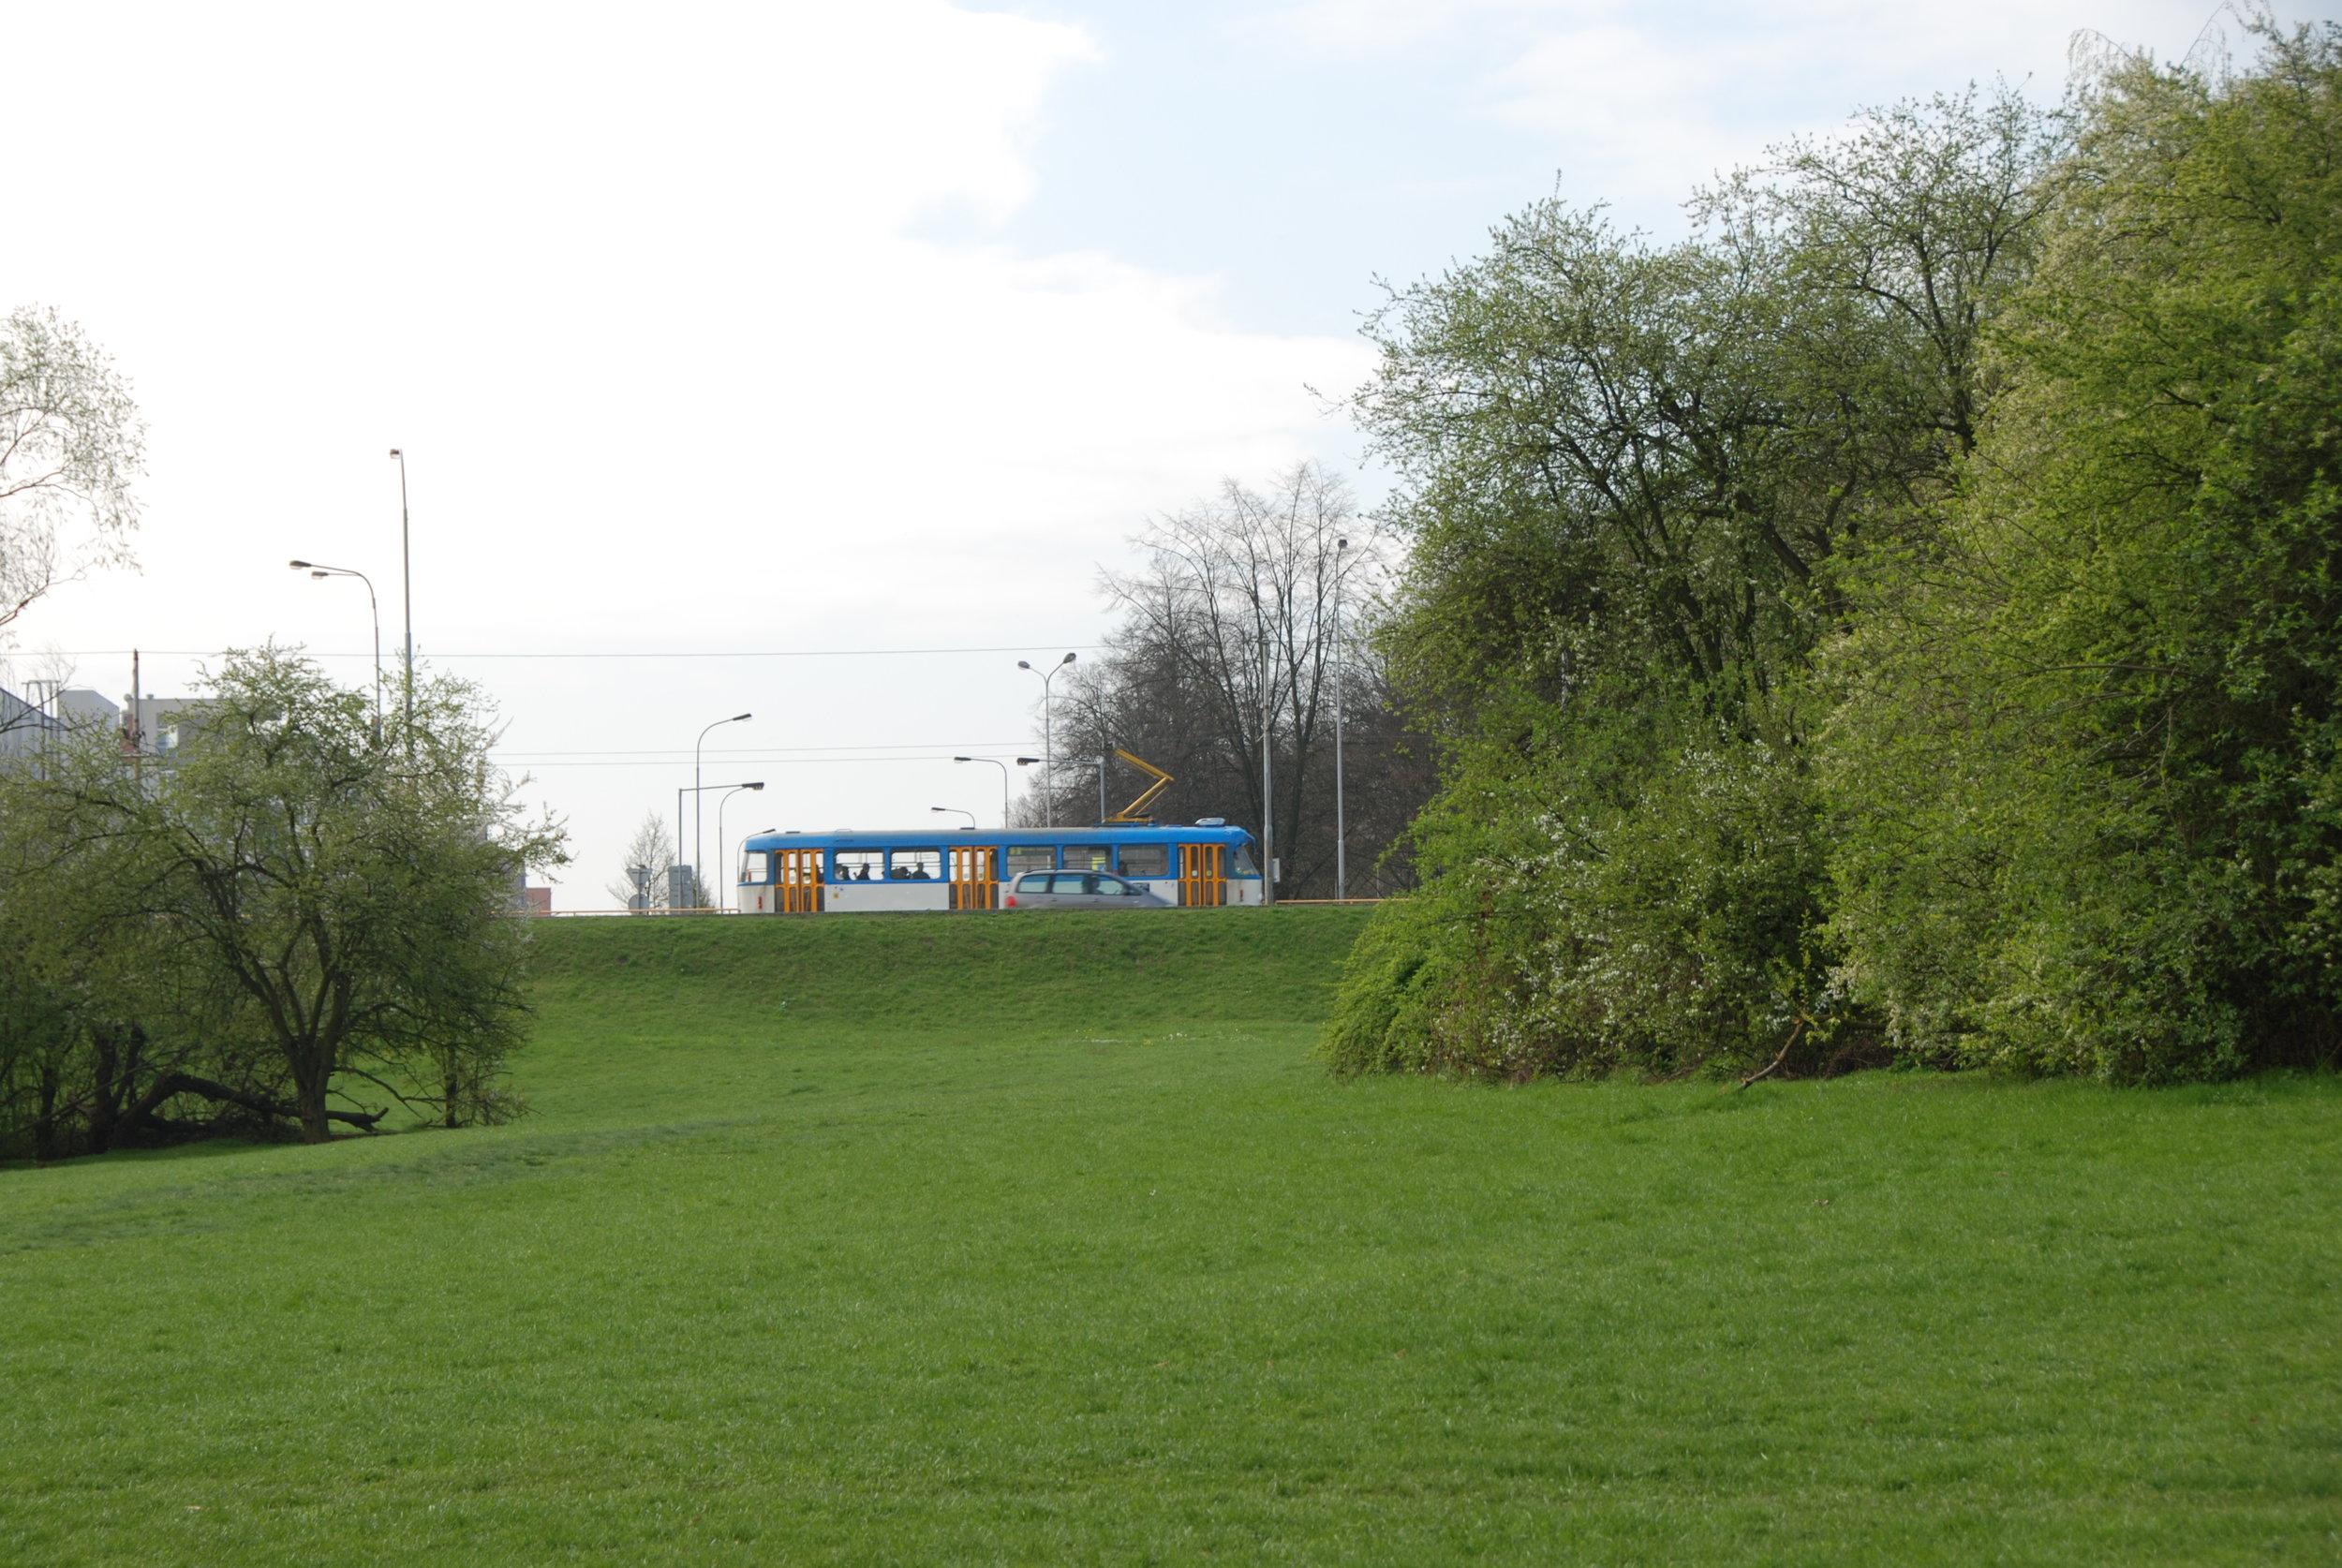 Opačný pohled než na předchozí fotografii. Z tohoto snímku je zřetelný značný výškový rozdíl mezi koridorem vyhrazeným pro tramvaj, a vyvýšeným náspem ulice Opavské, po němž právě projíždí vůz typové řady T3. Ve svahu měl začínat/končit tunel prvního podzemního úseku ostravské tramvaje, který se nikdy nerealizoval.(foto: Libor Hinčica)